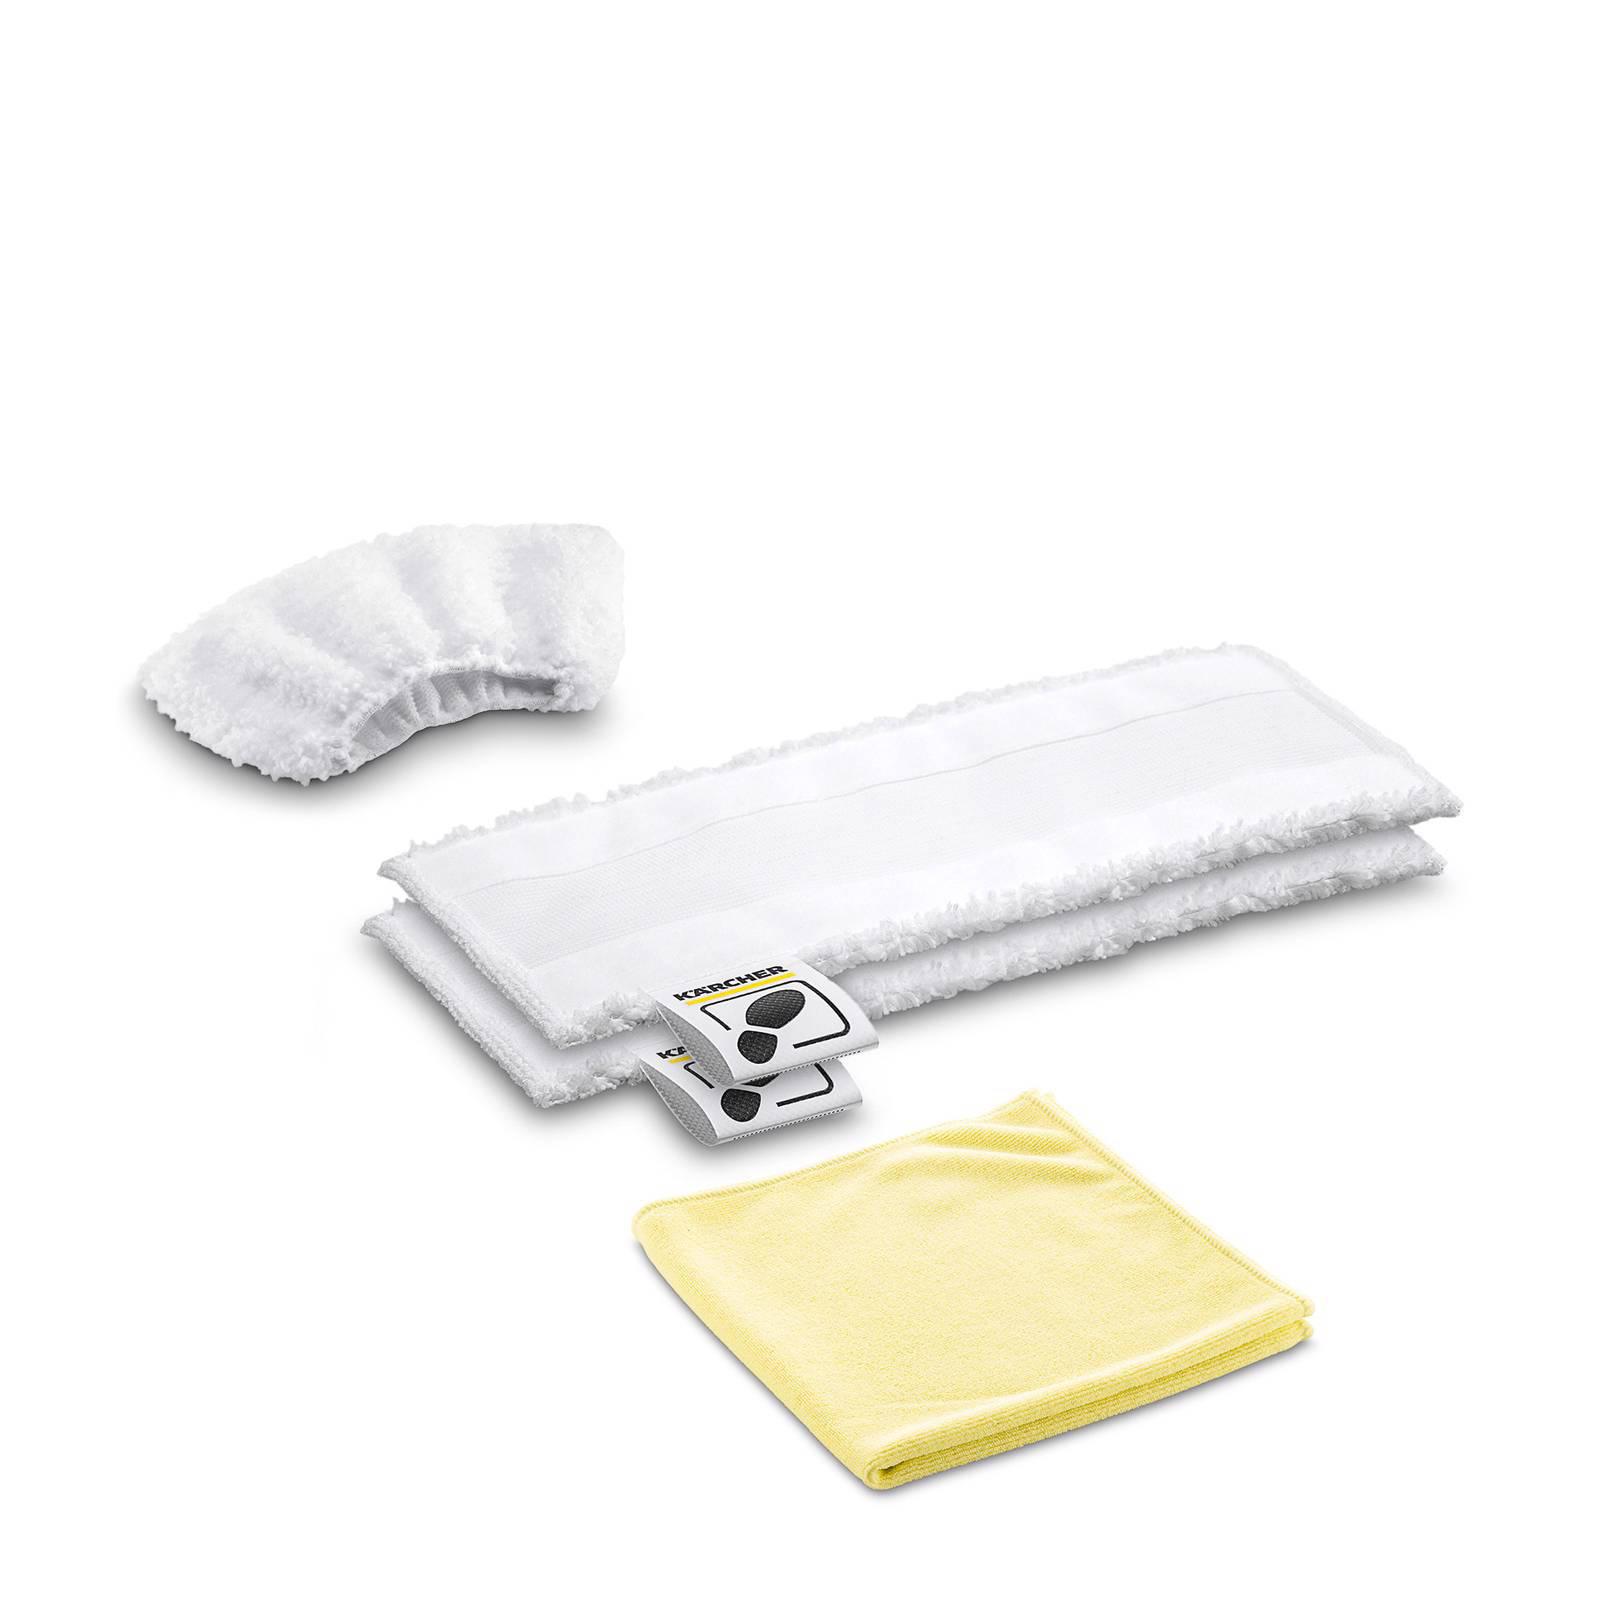 Kärcher microvezel doekenset keuken EasyFix